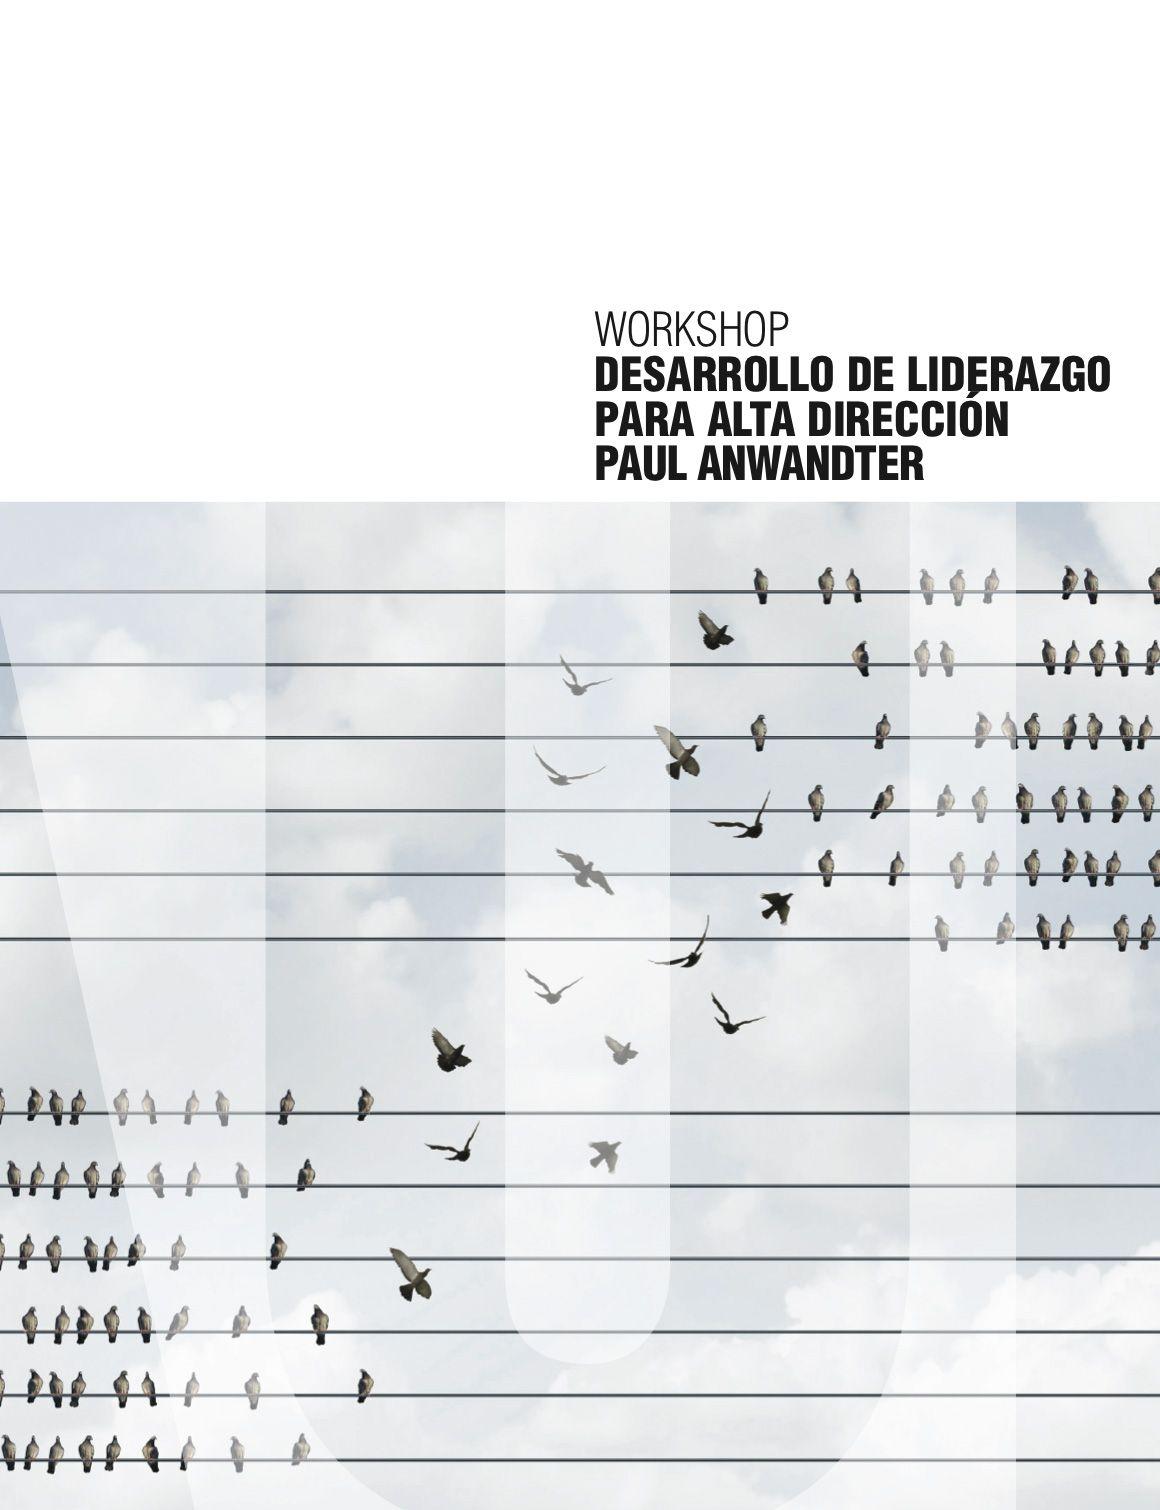 WORKSHOP DESARROLLO DE LIDERAZGO PARA ALTA DIRECCION